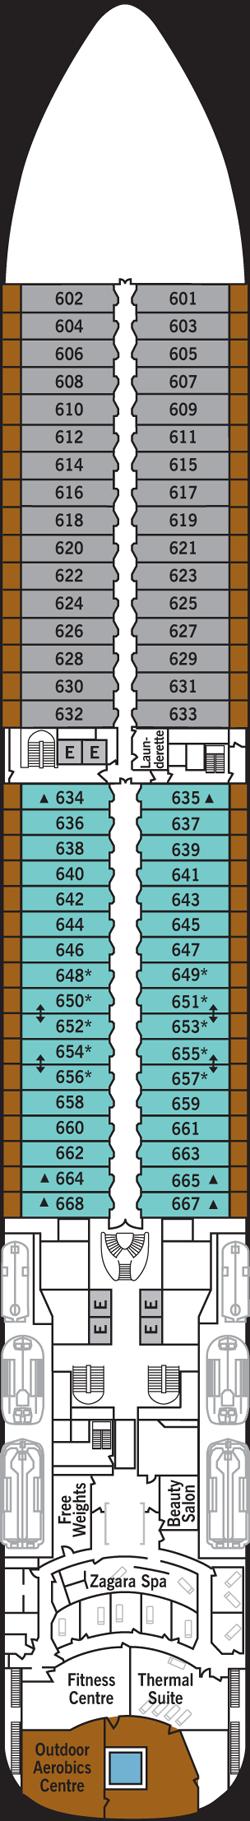 Silver Spirit Deck 6: Deck 6